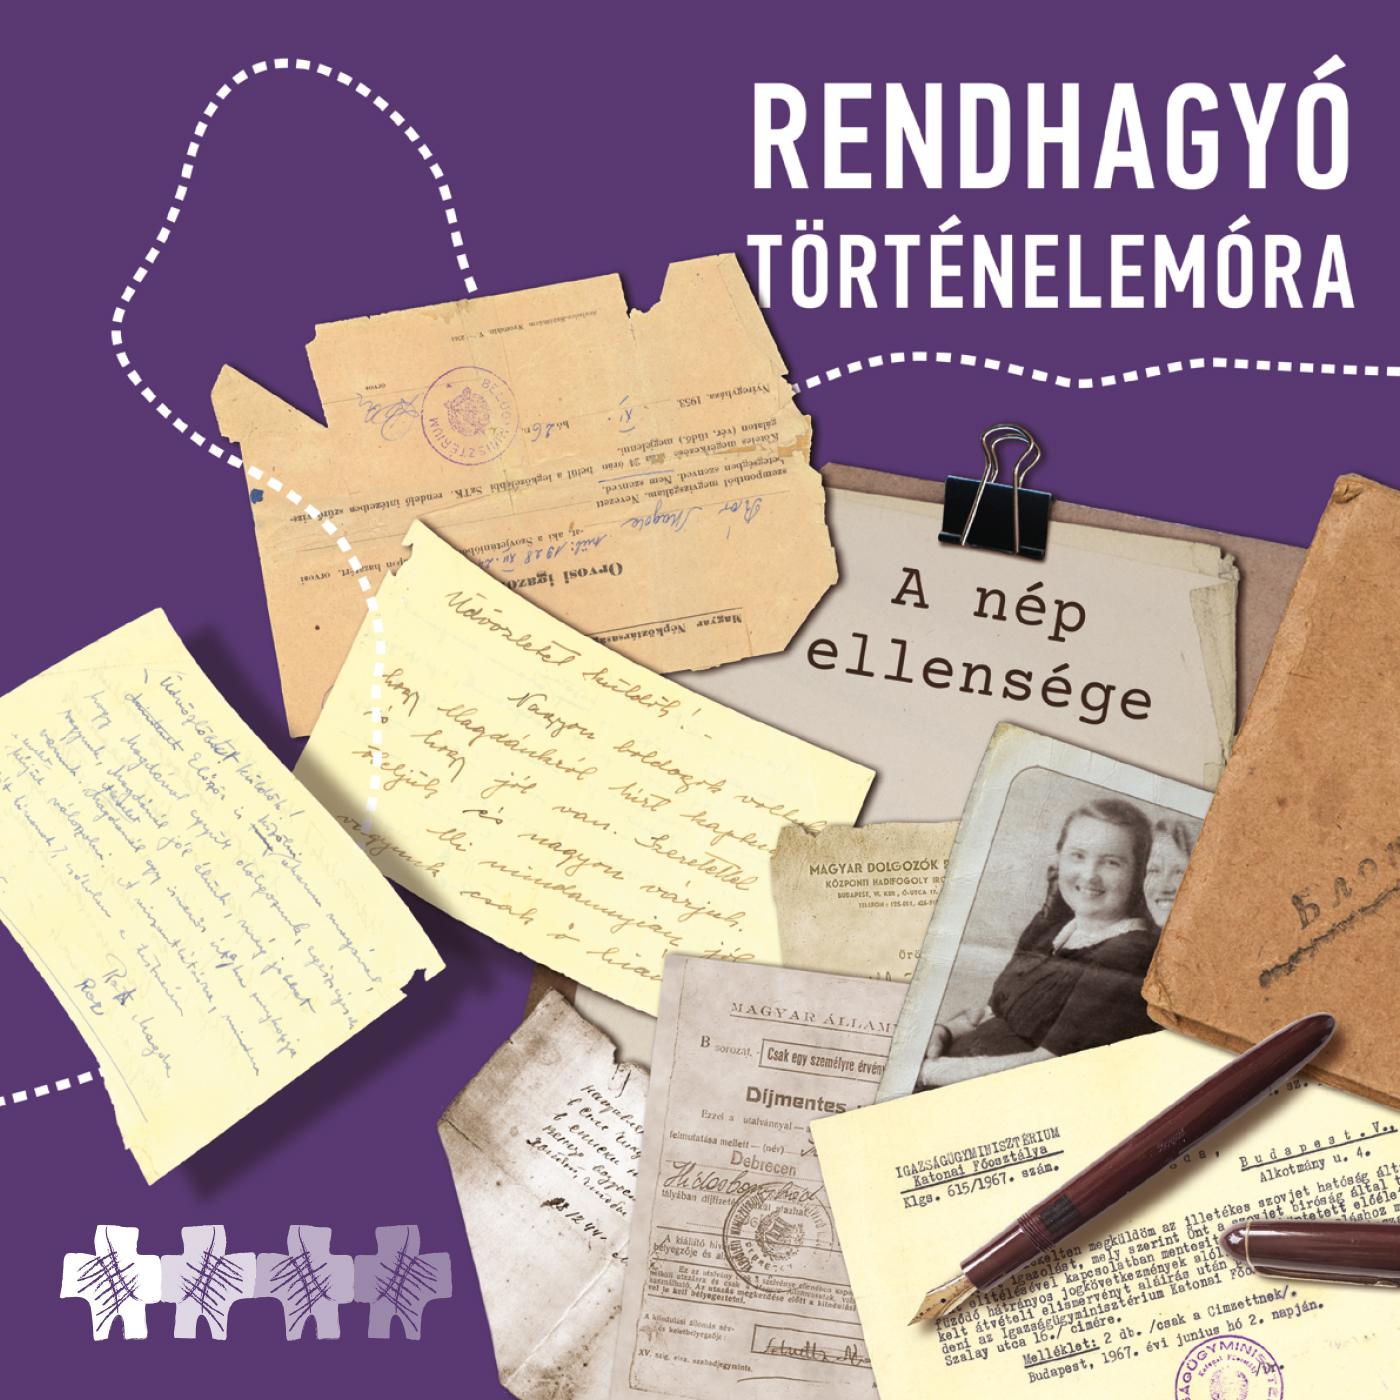 A GULÁG-okban Elpusztultak Emlékének Megörökítésére Alapítvány-A rendhagyó történelemóra plakátja